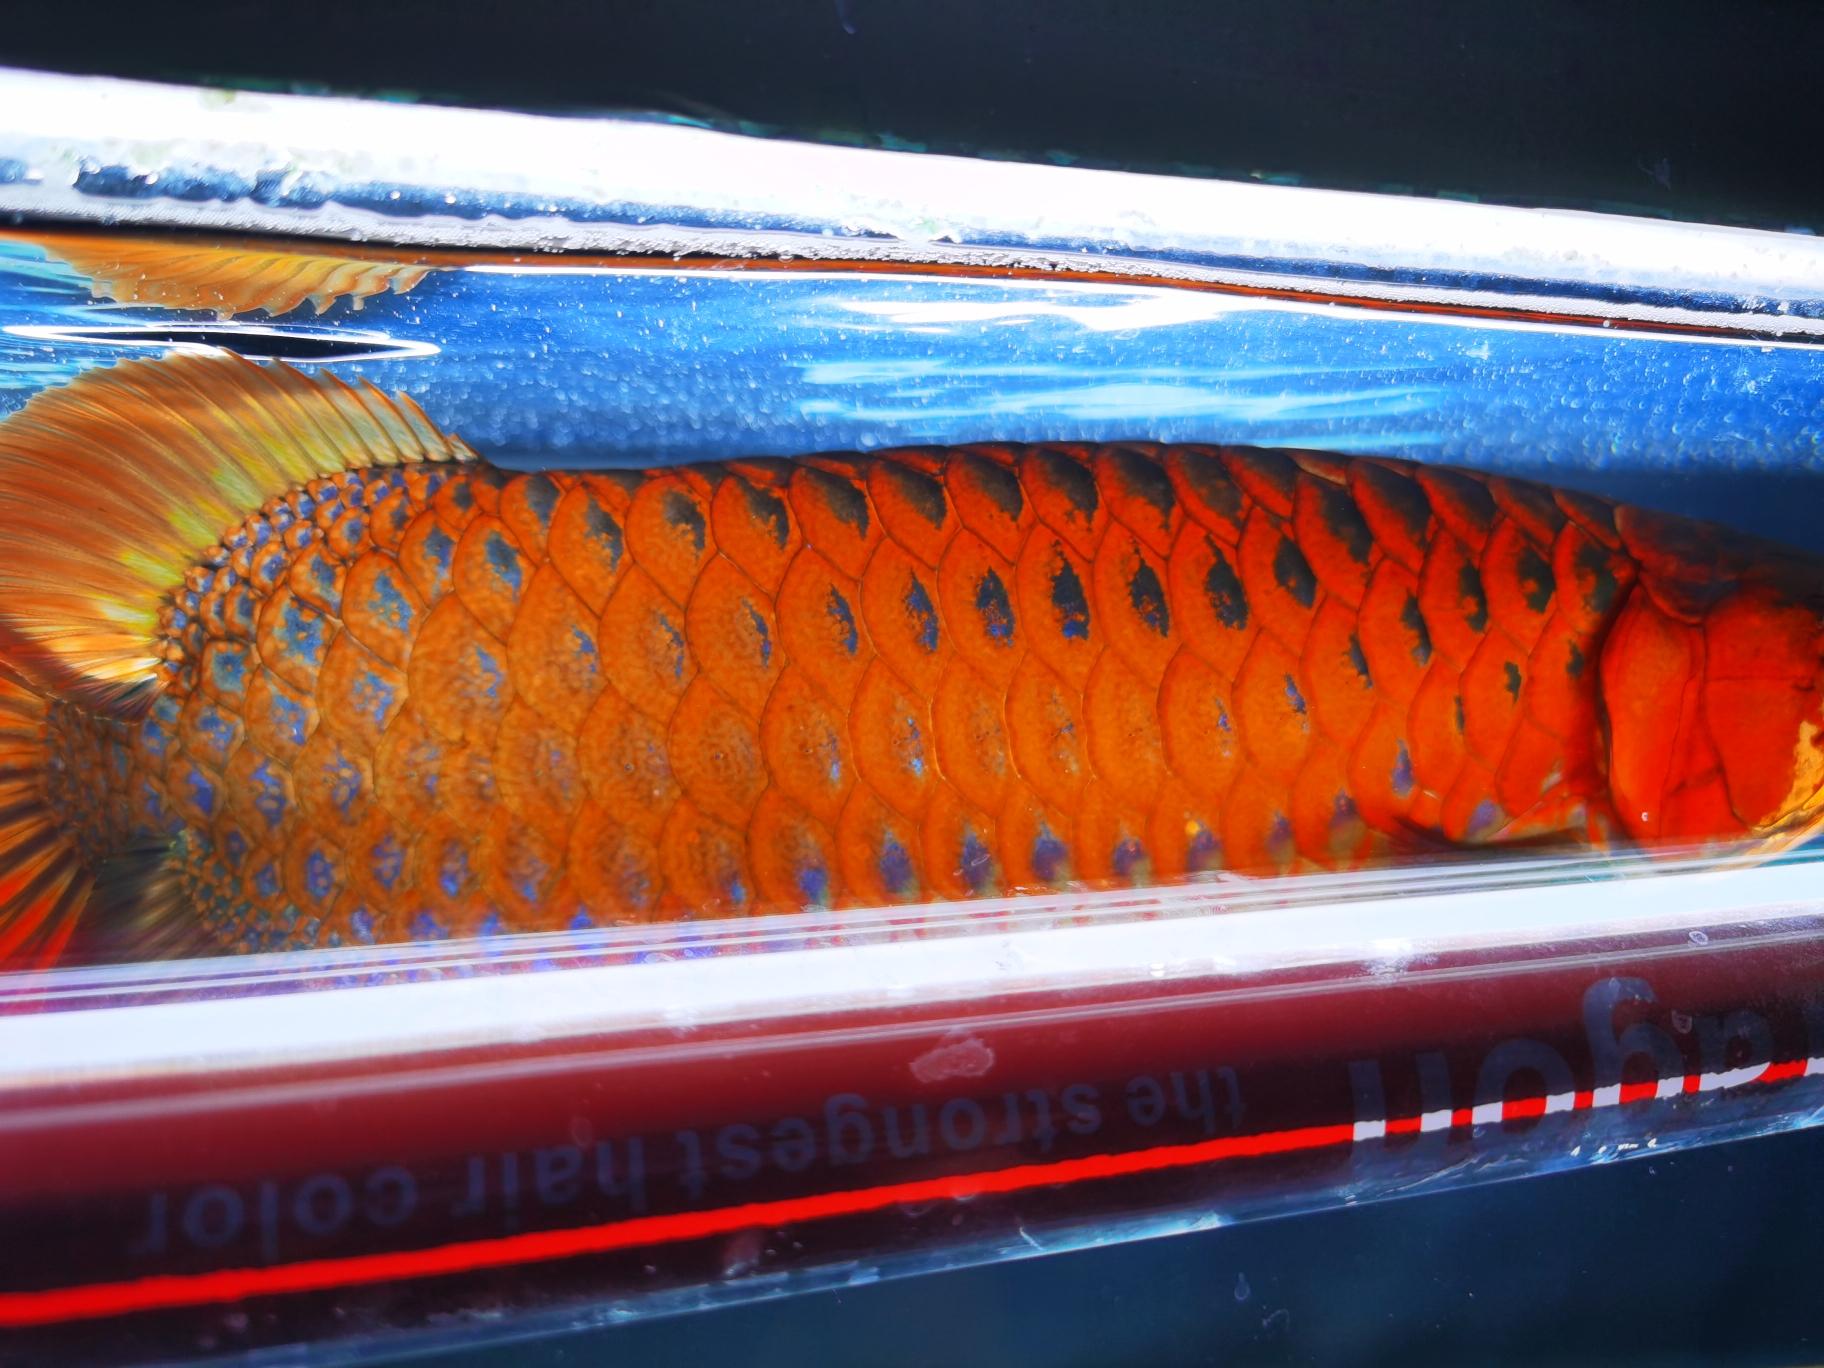 不喜勿喷 北京观赏鱼 北京龙鱼第4张